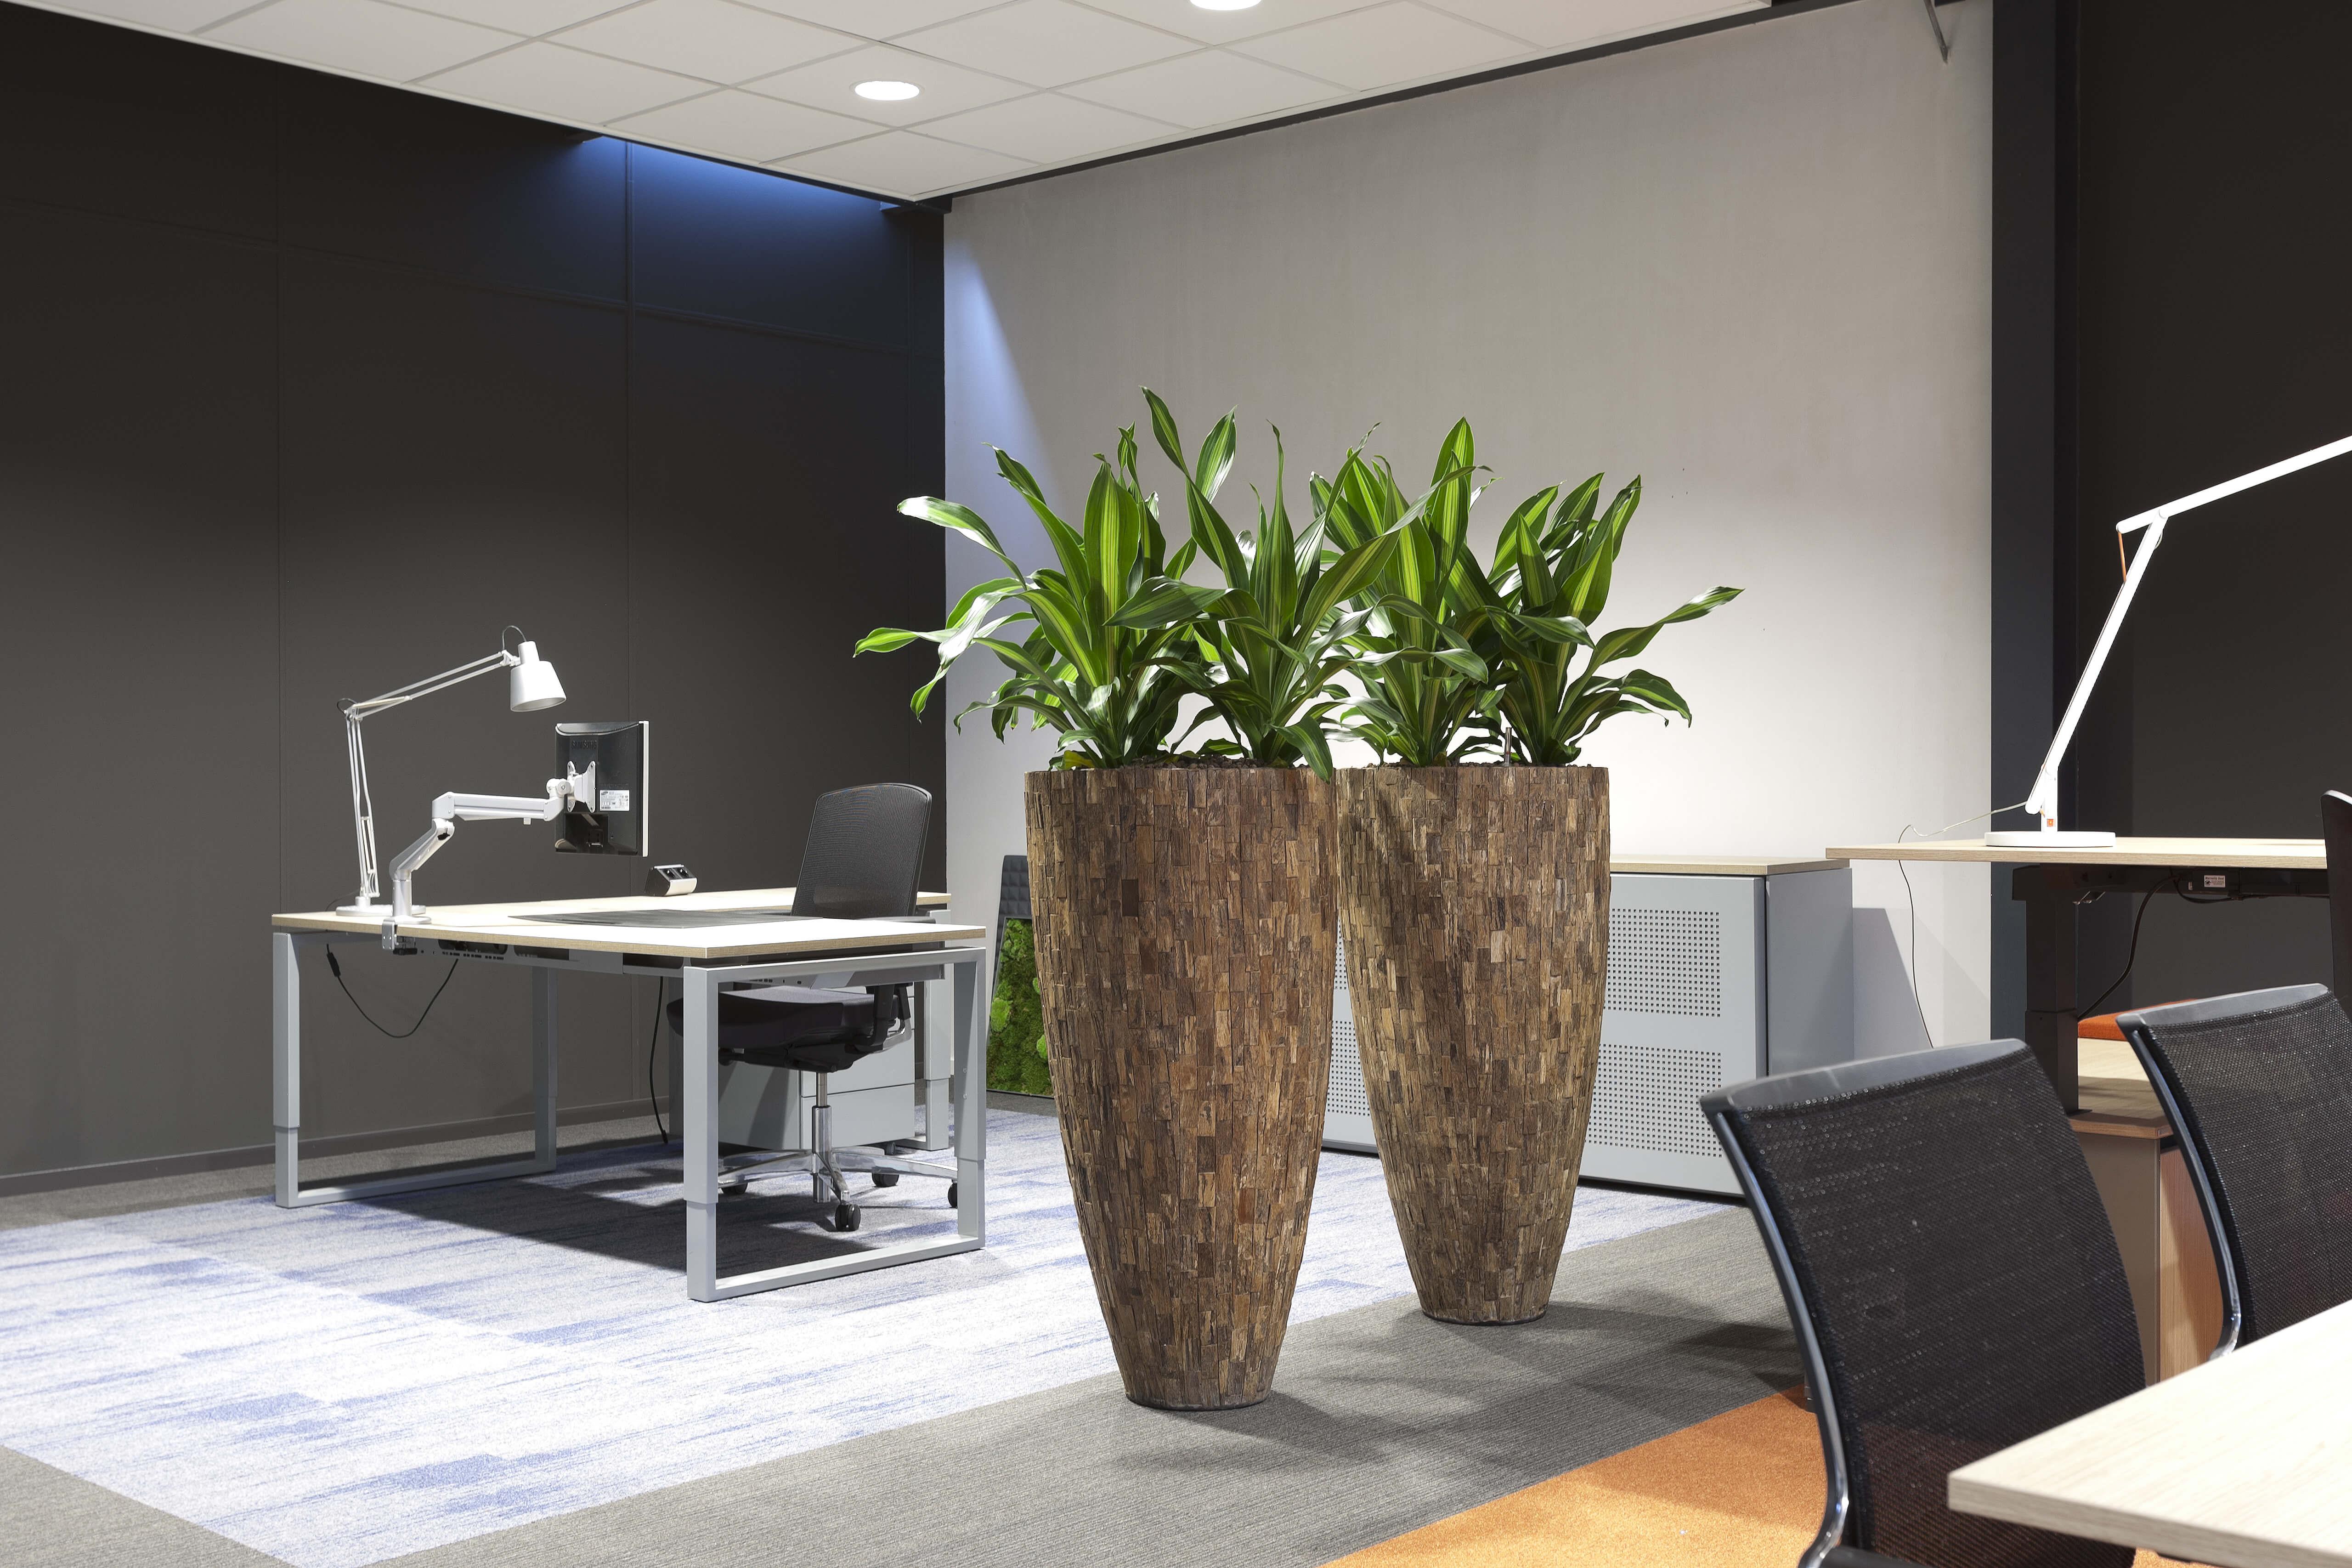 interieurbeplanting bij kantoorspecialist ginkel groep